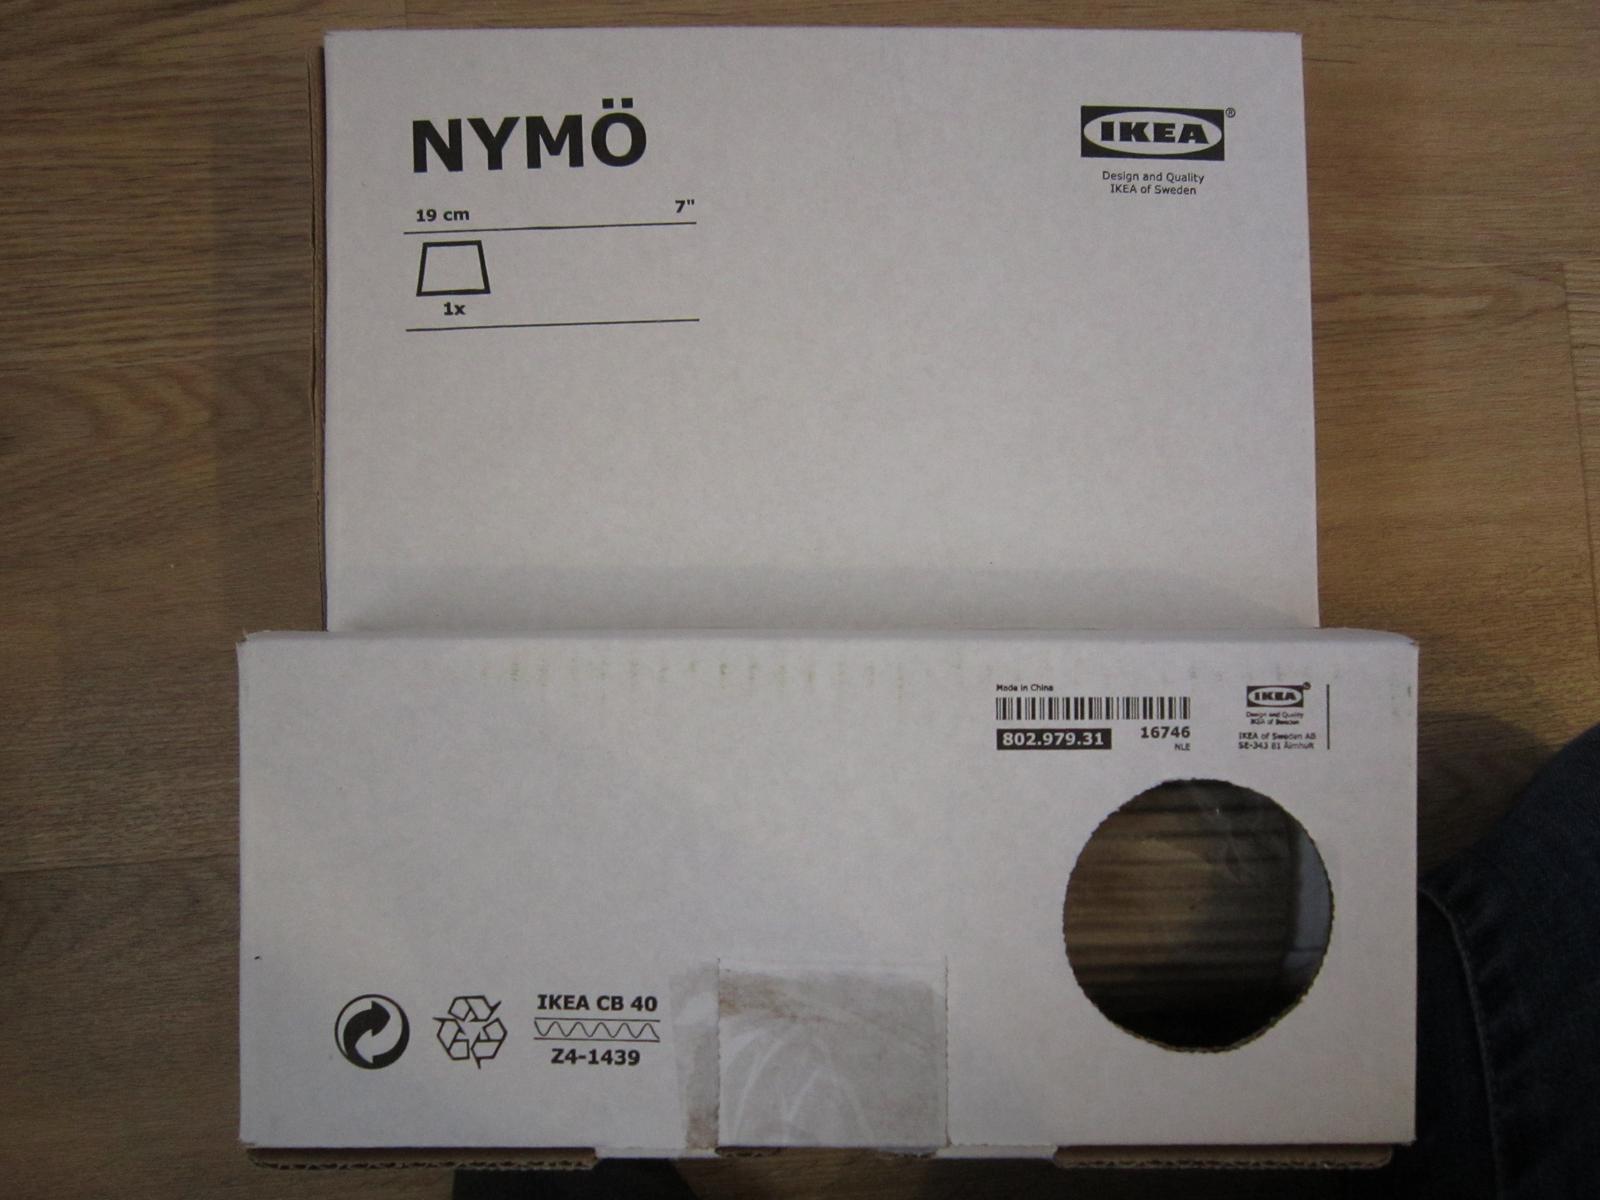 Stínidlo lampy NYMÖ  - Obrázek č. 2